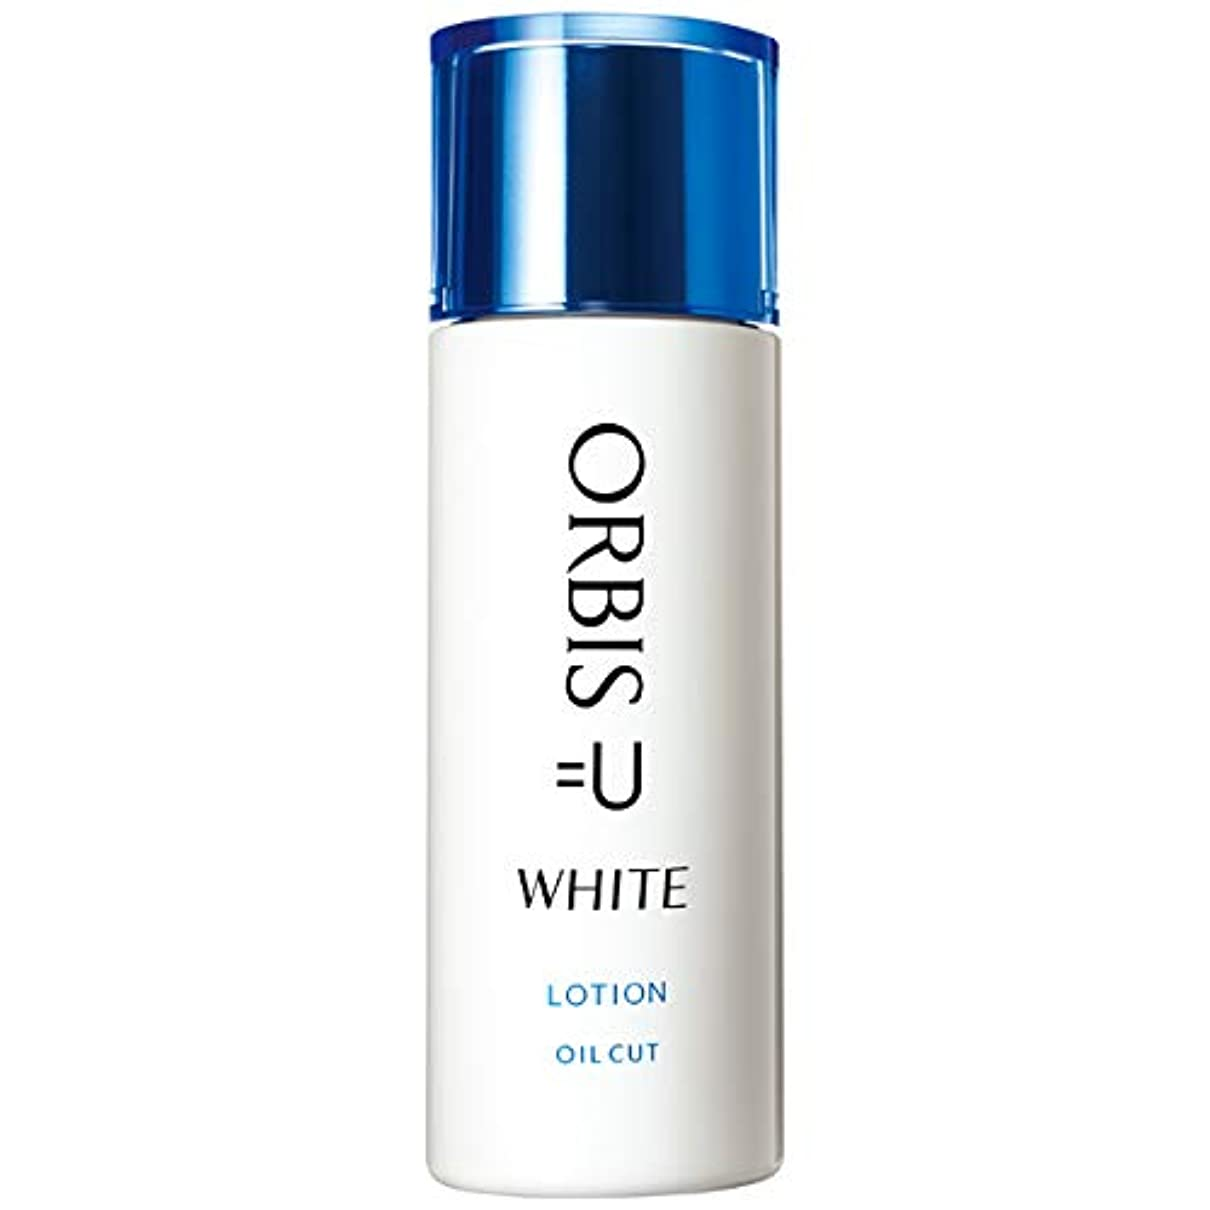 信念憧れスリップシューズオルビス(ORBIS) オルビスユー ホワイト ローション 180mL 化粧水 [医薬部外品]